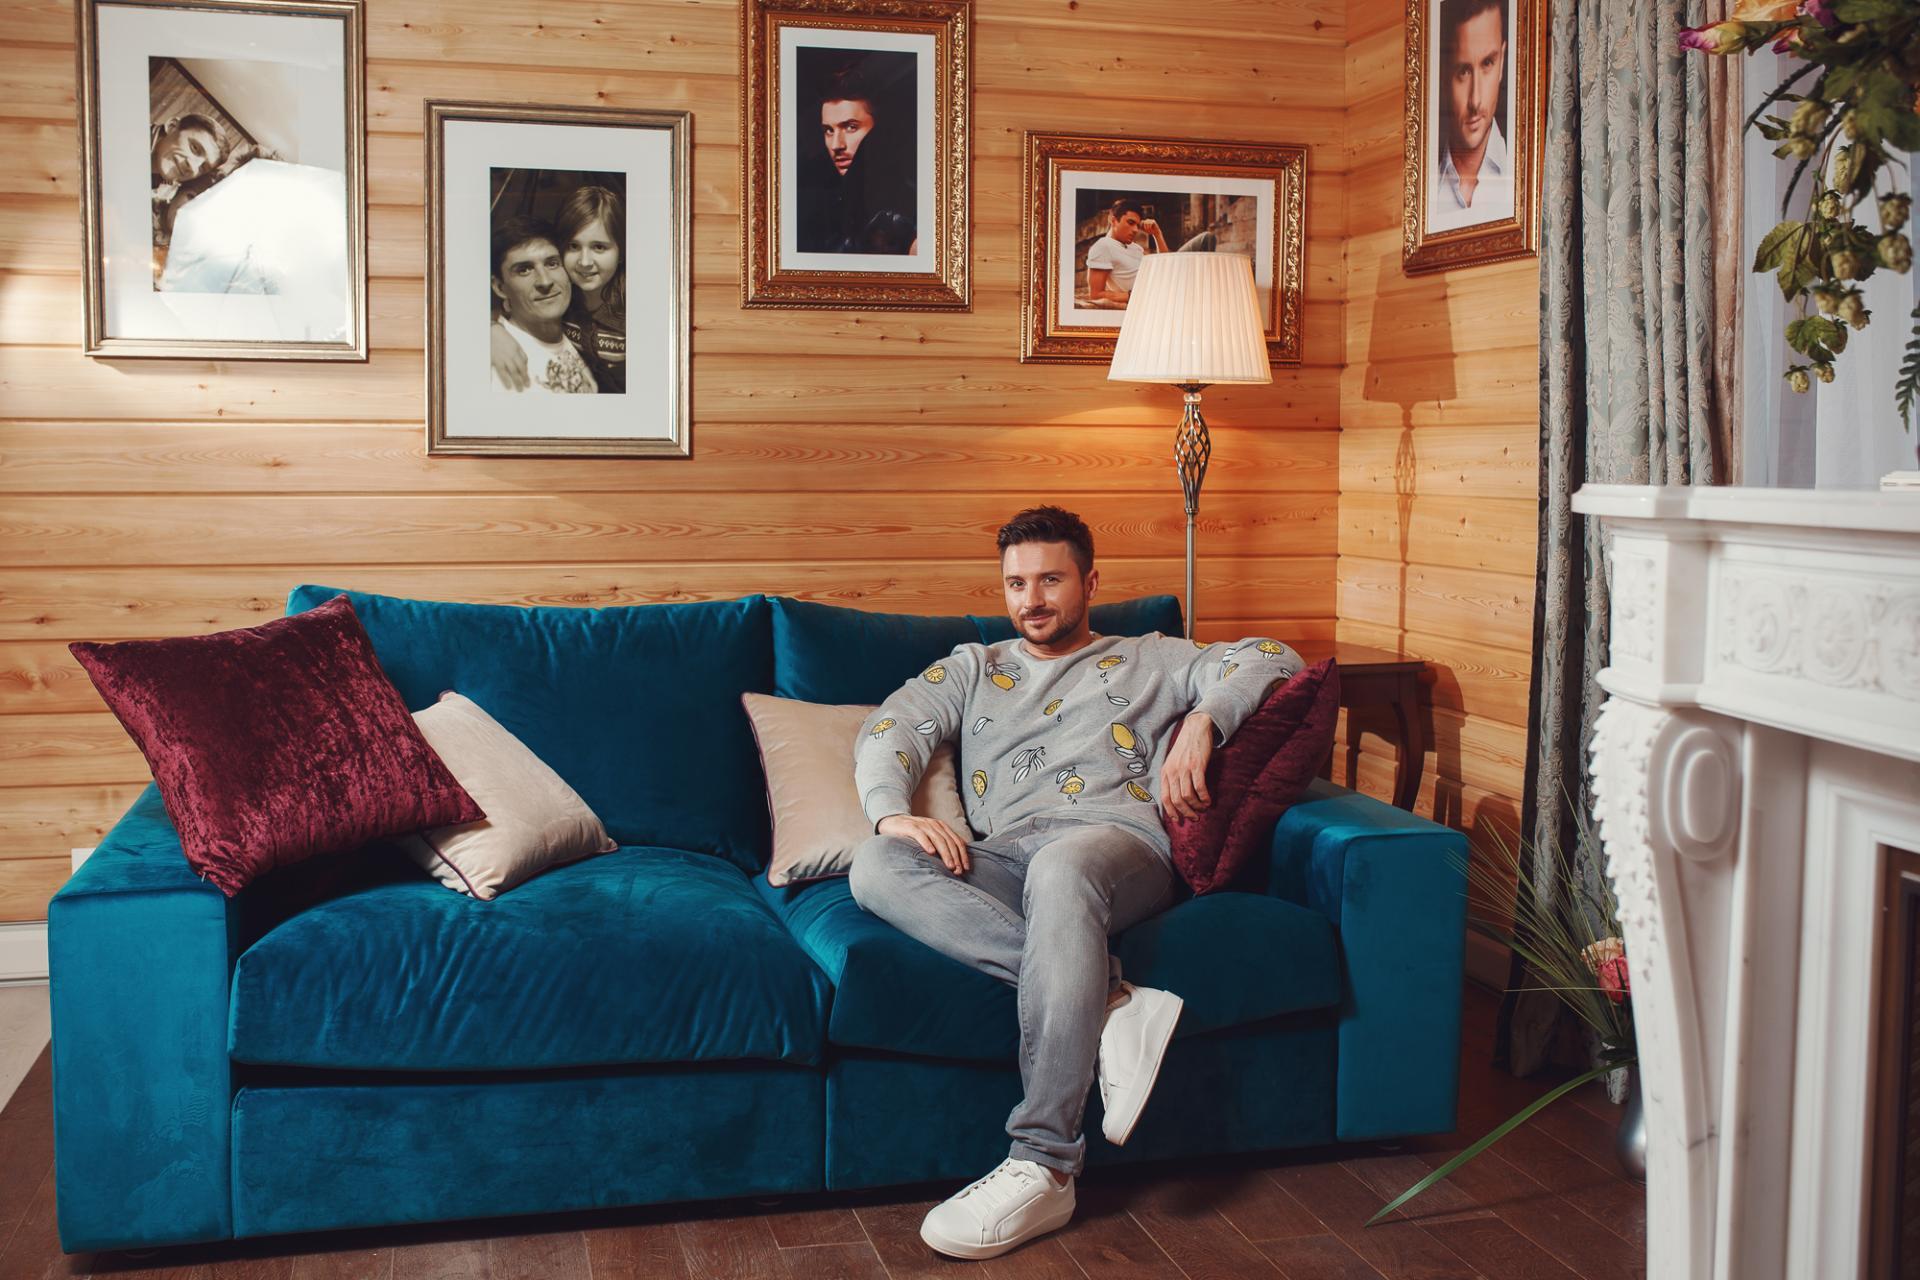 Скромные апартаменты: обзор московской квартиры Сергея Лазарева